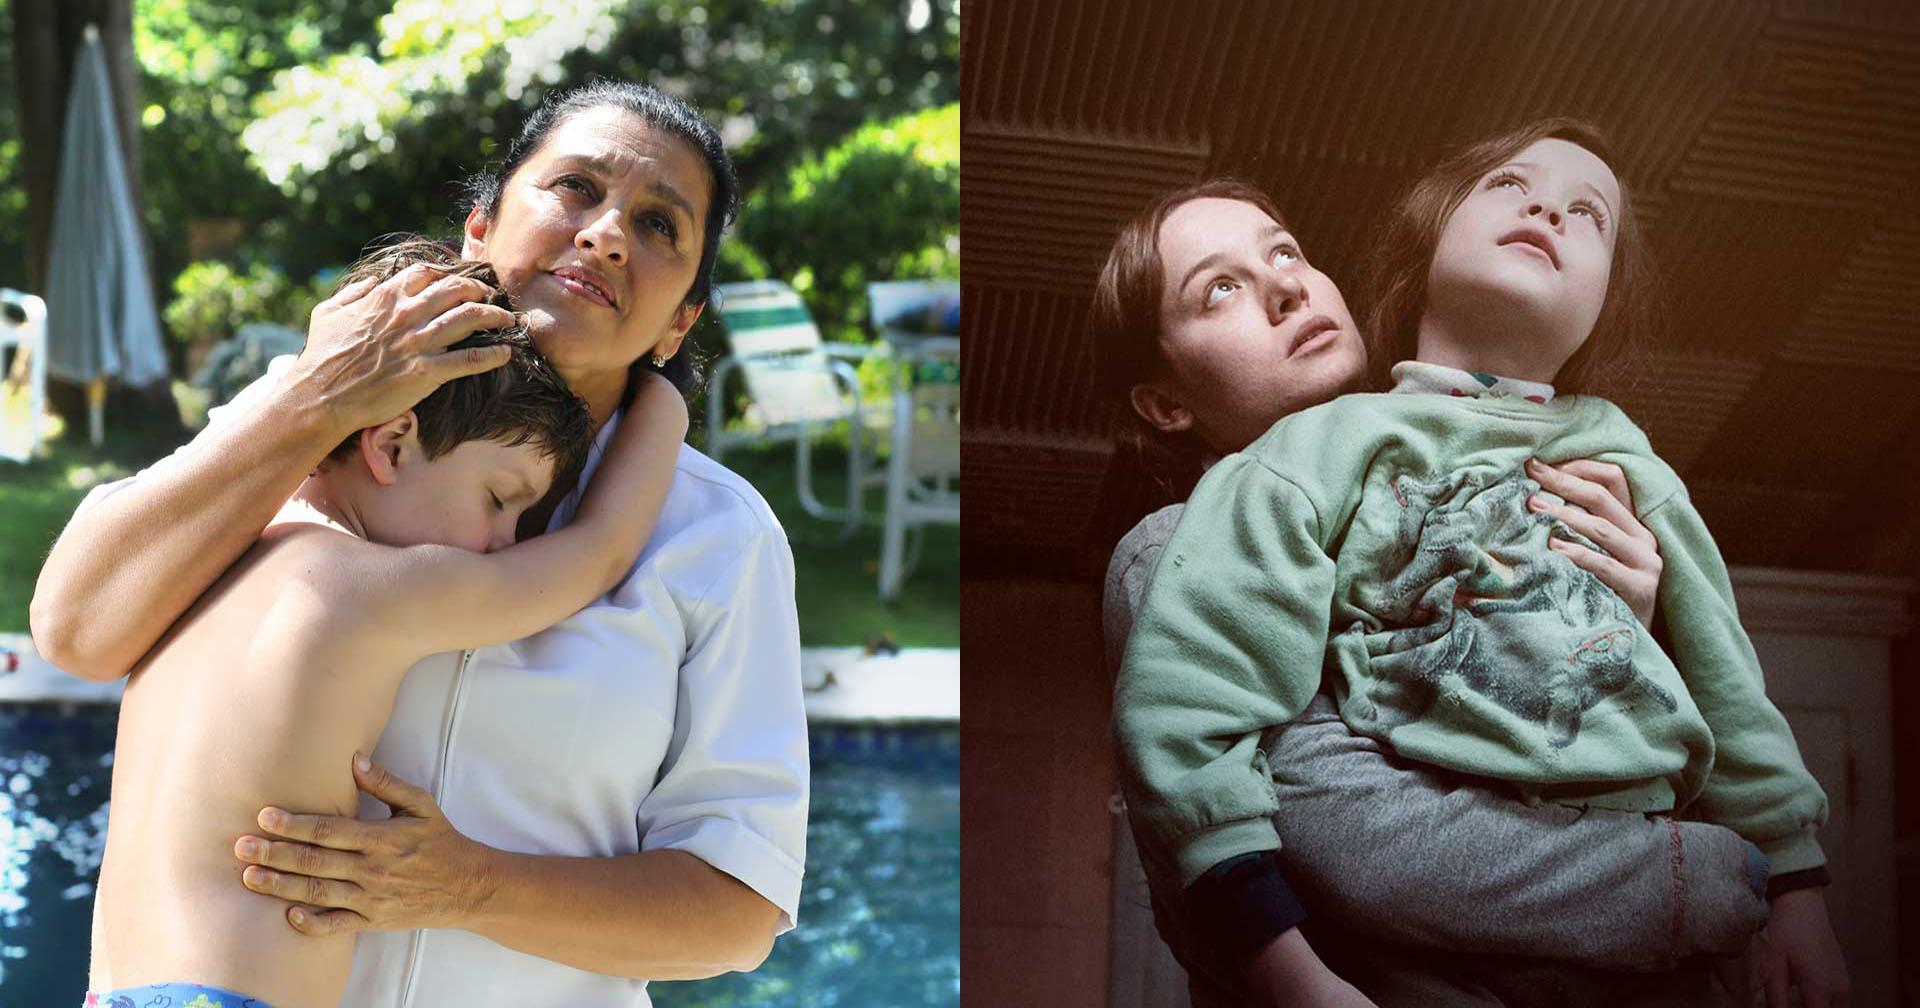 05 Filmes incríveis com mães protagonistas no cinema-capa